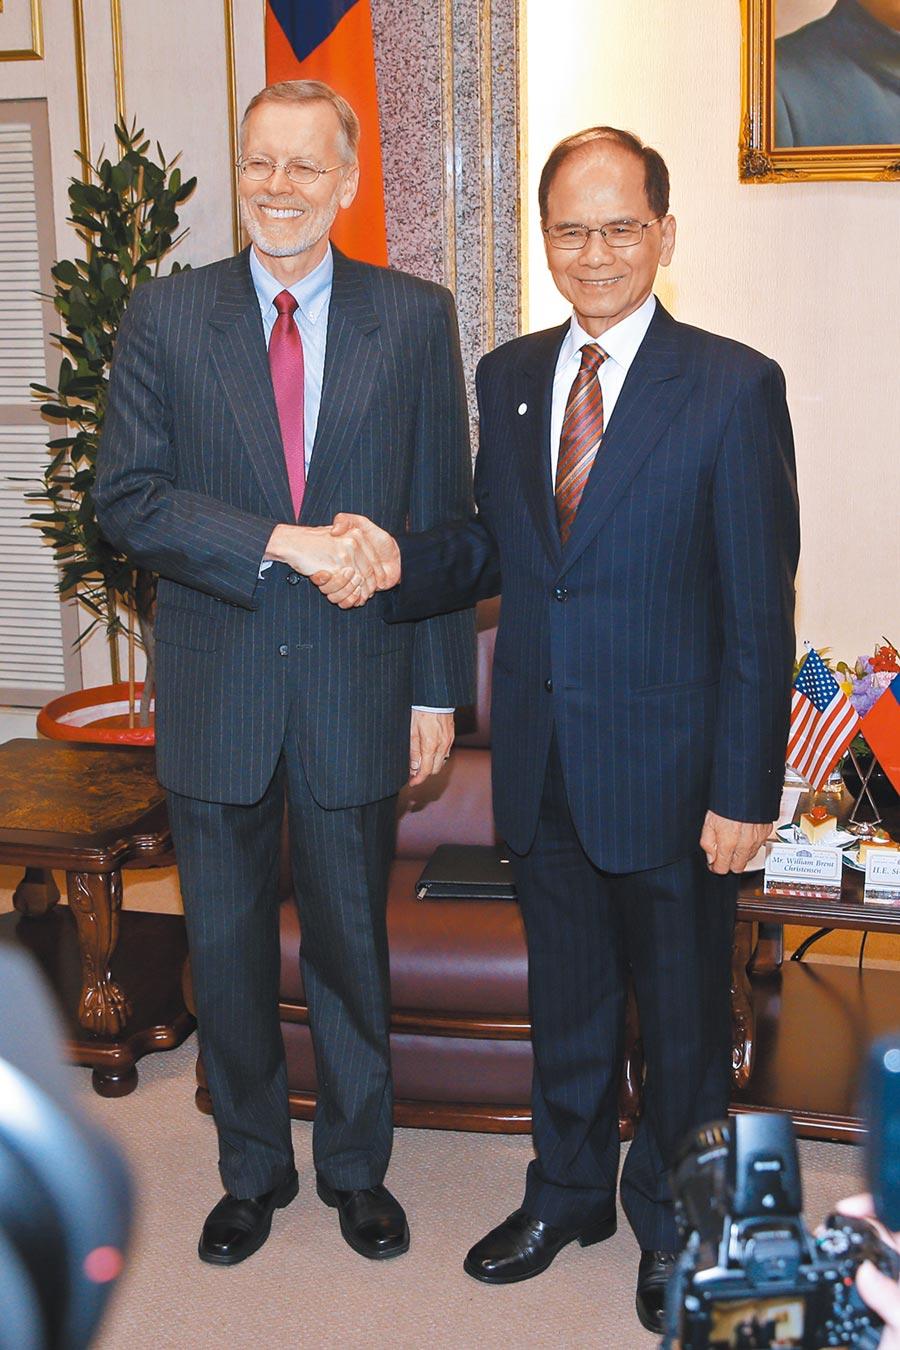 美國在台協會(AIT)處長酈英傑(左)13日拜會立法院長游錫堃(右),游倡台美復交。(本報系資料照片)